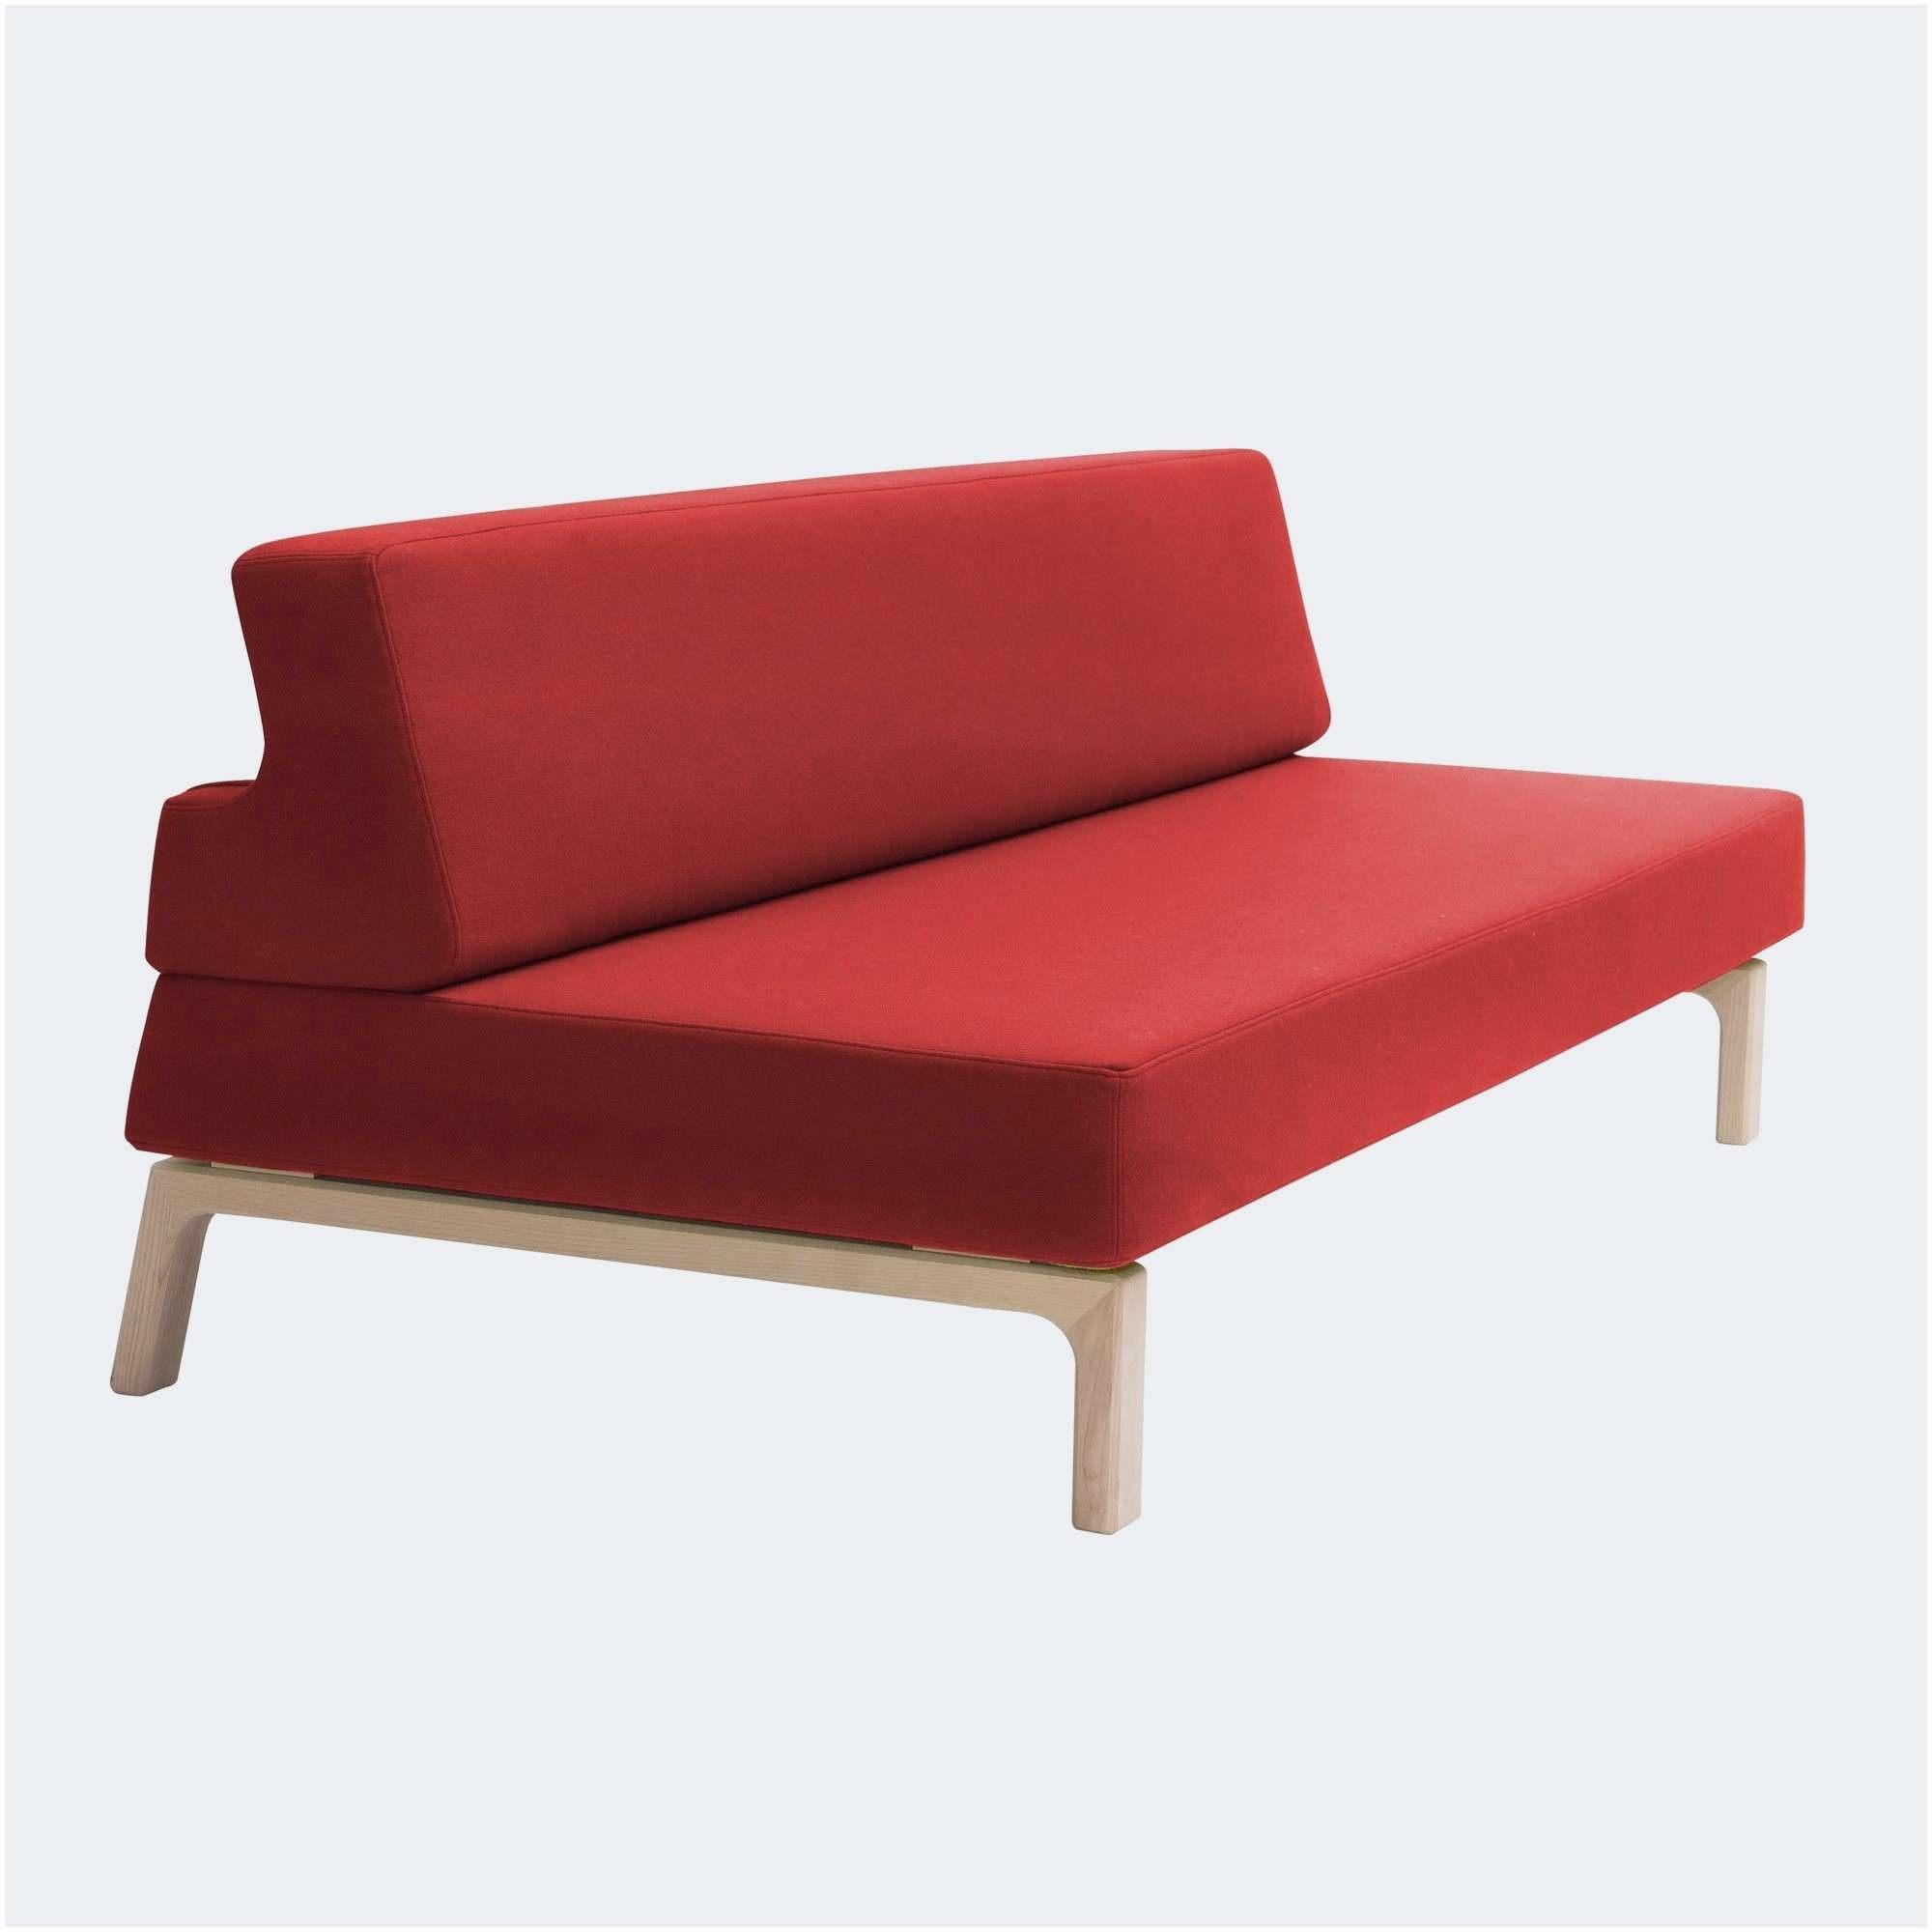 Canapé Lit Simili Cuir Nouveau Beau Canapé 2 Angles Canap Lit Rouge 3 C3 A9 Design Tgm872 ton Pour